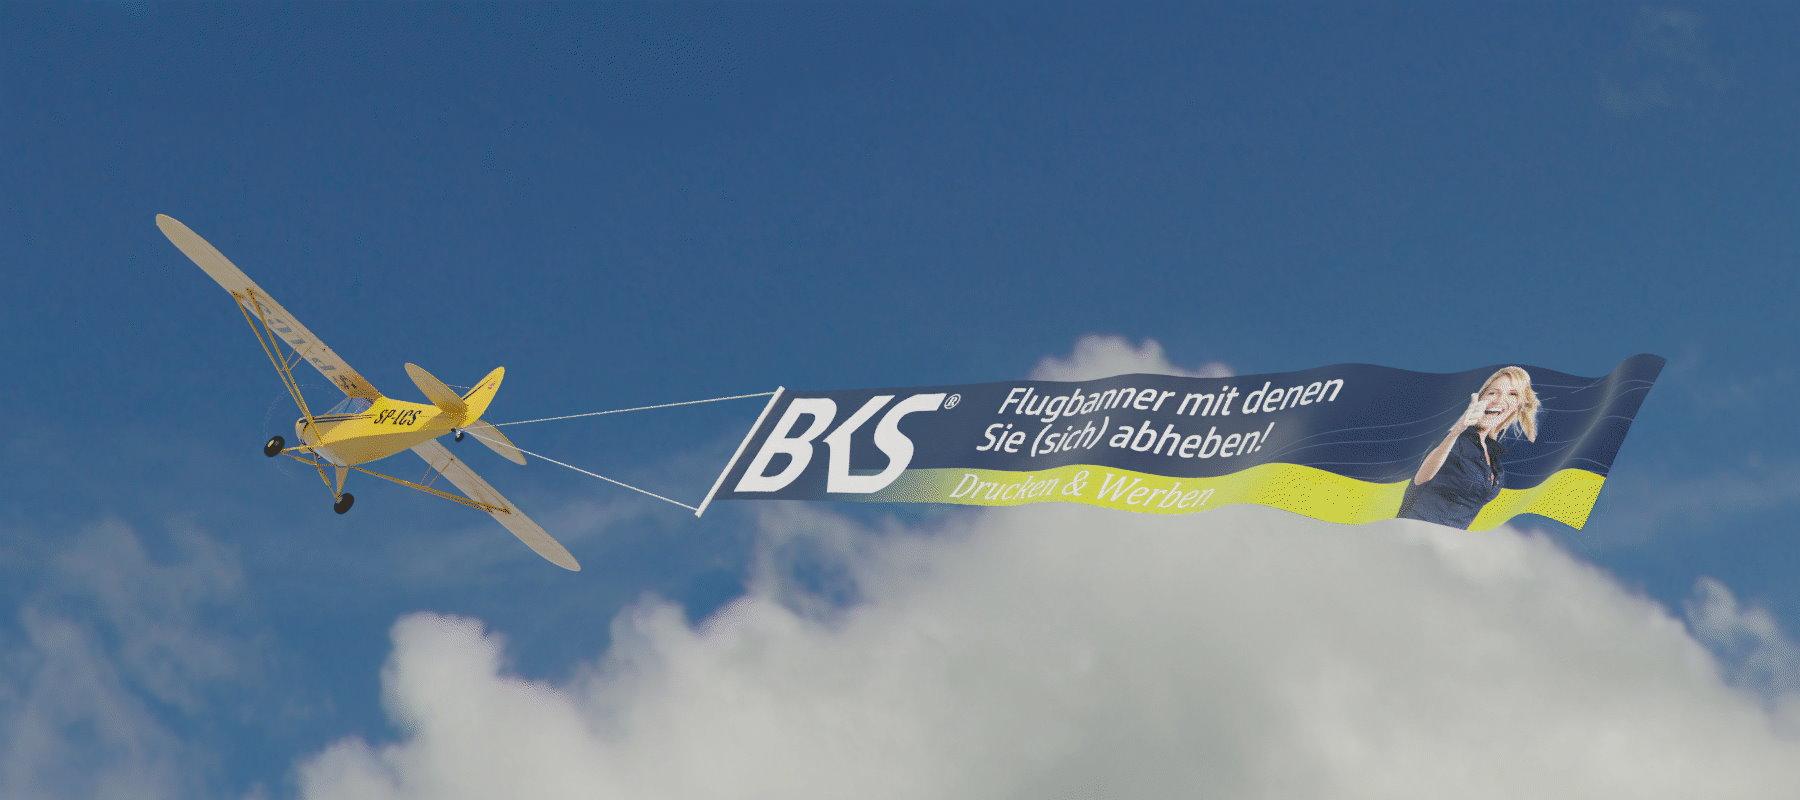 Flugbanner als Headergrafik! BKS-Wiesbaden